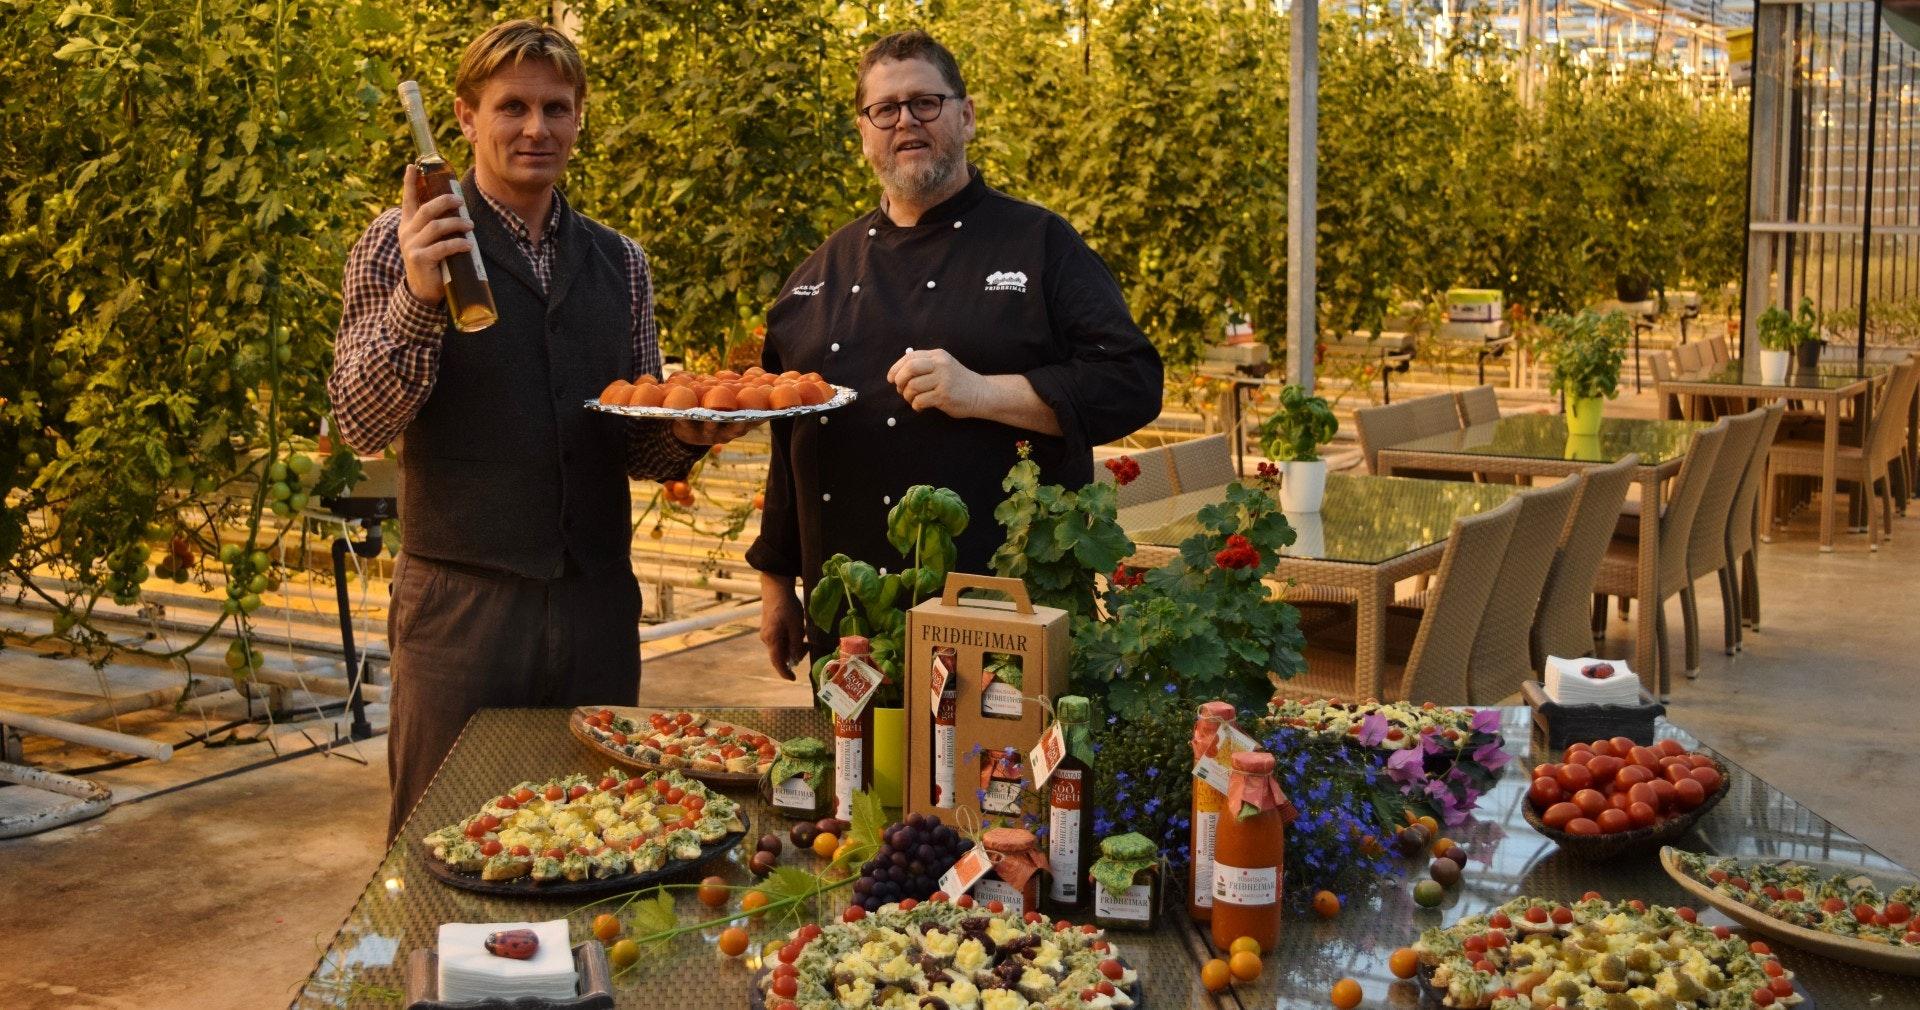 冰岛番茄农场主Knútur和主厨Jón